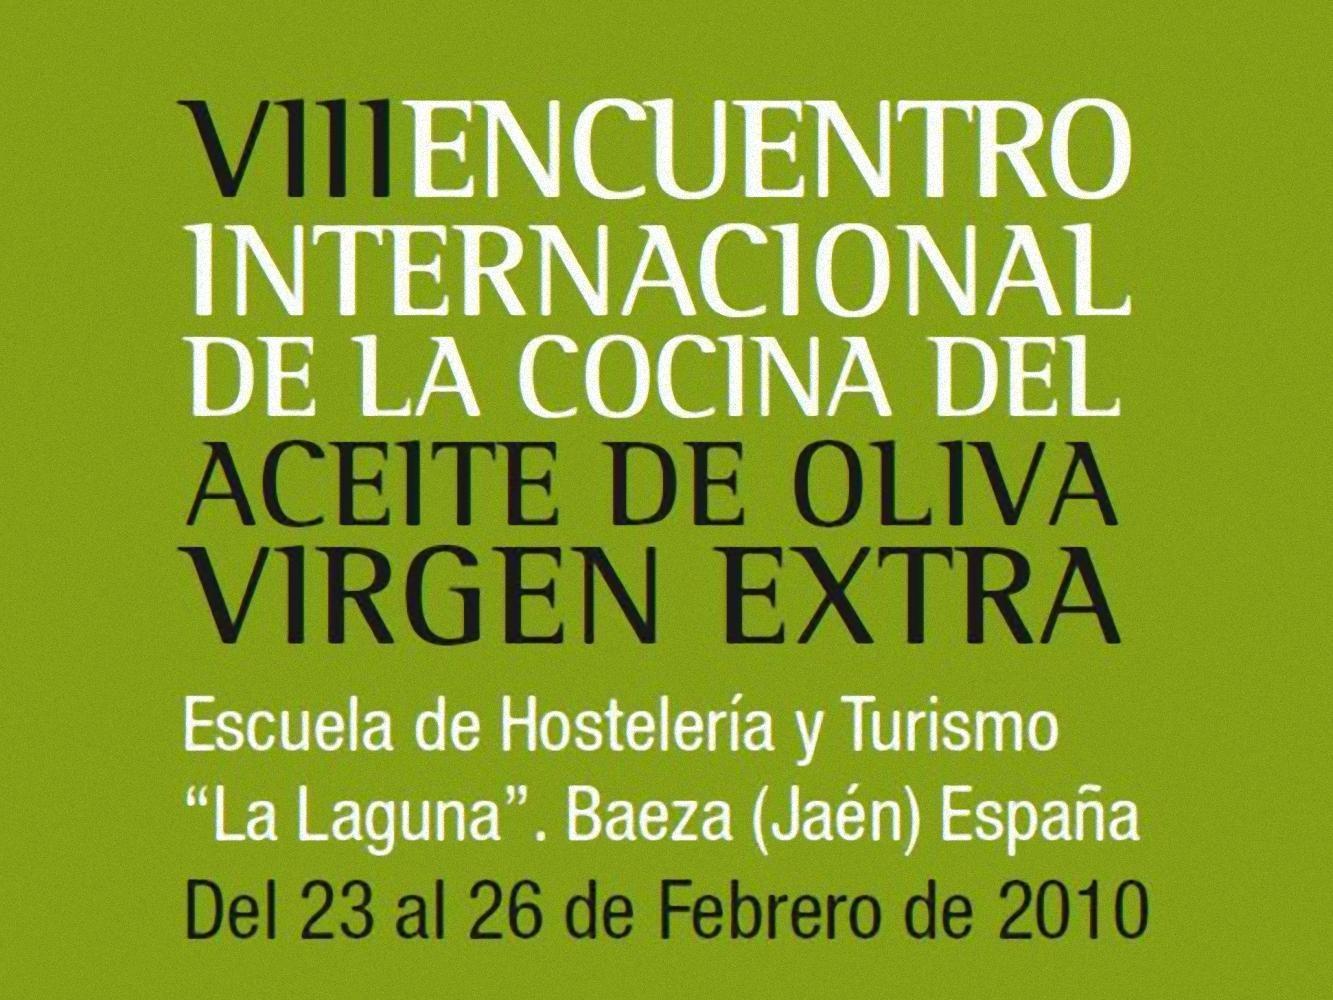 Encuentro Internacional de la Cocina del Aceite de Oliva